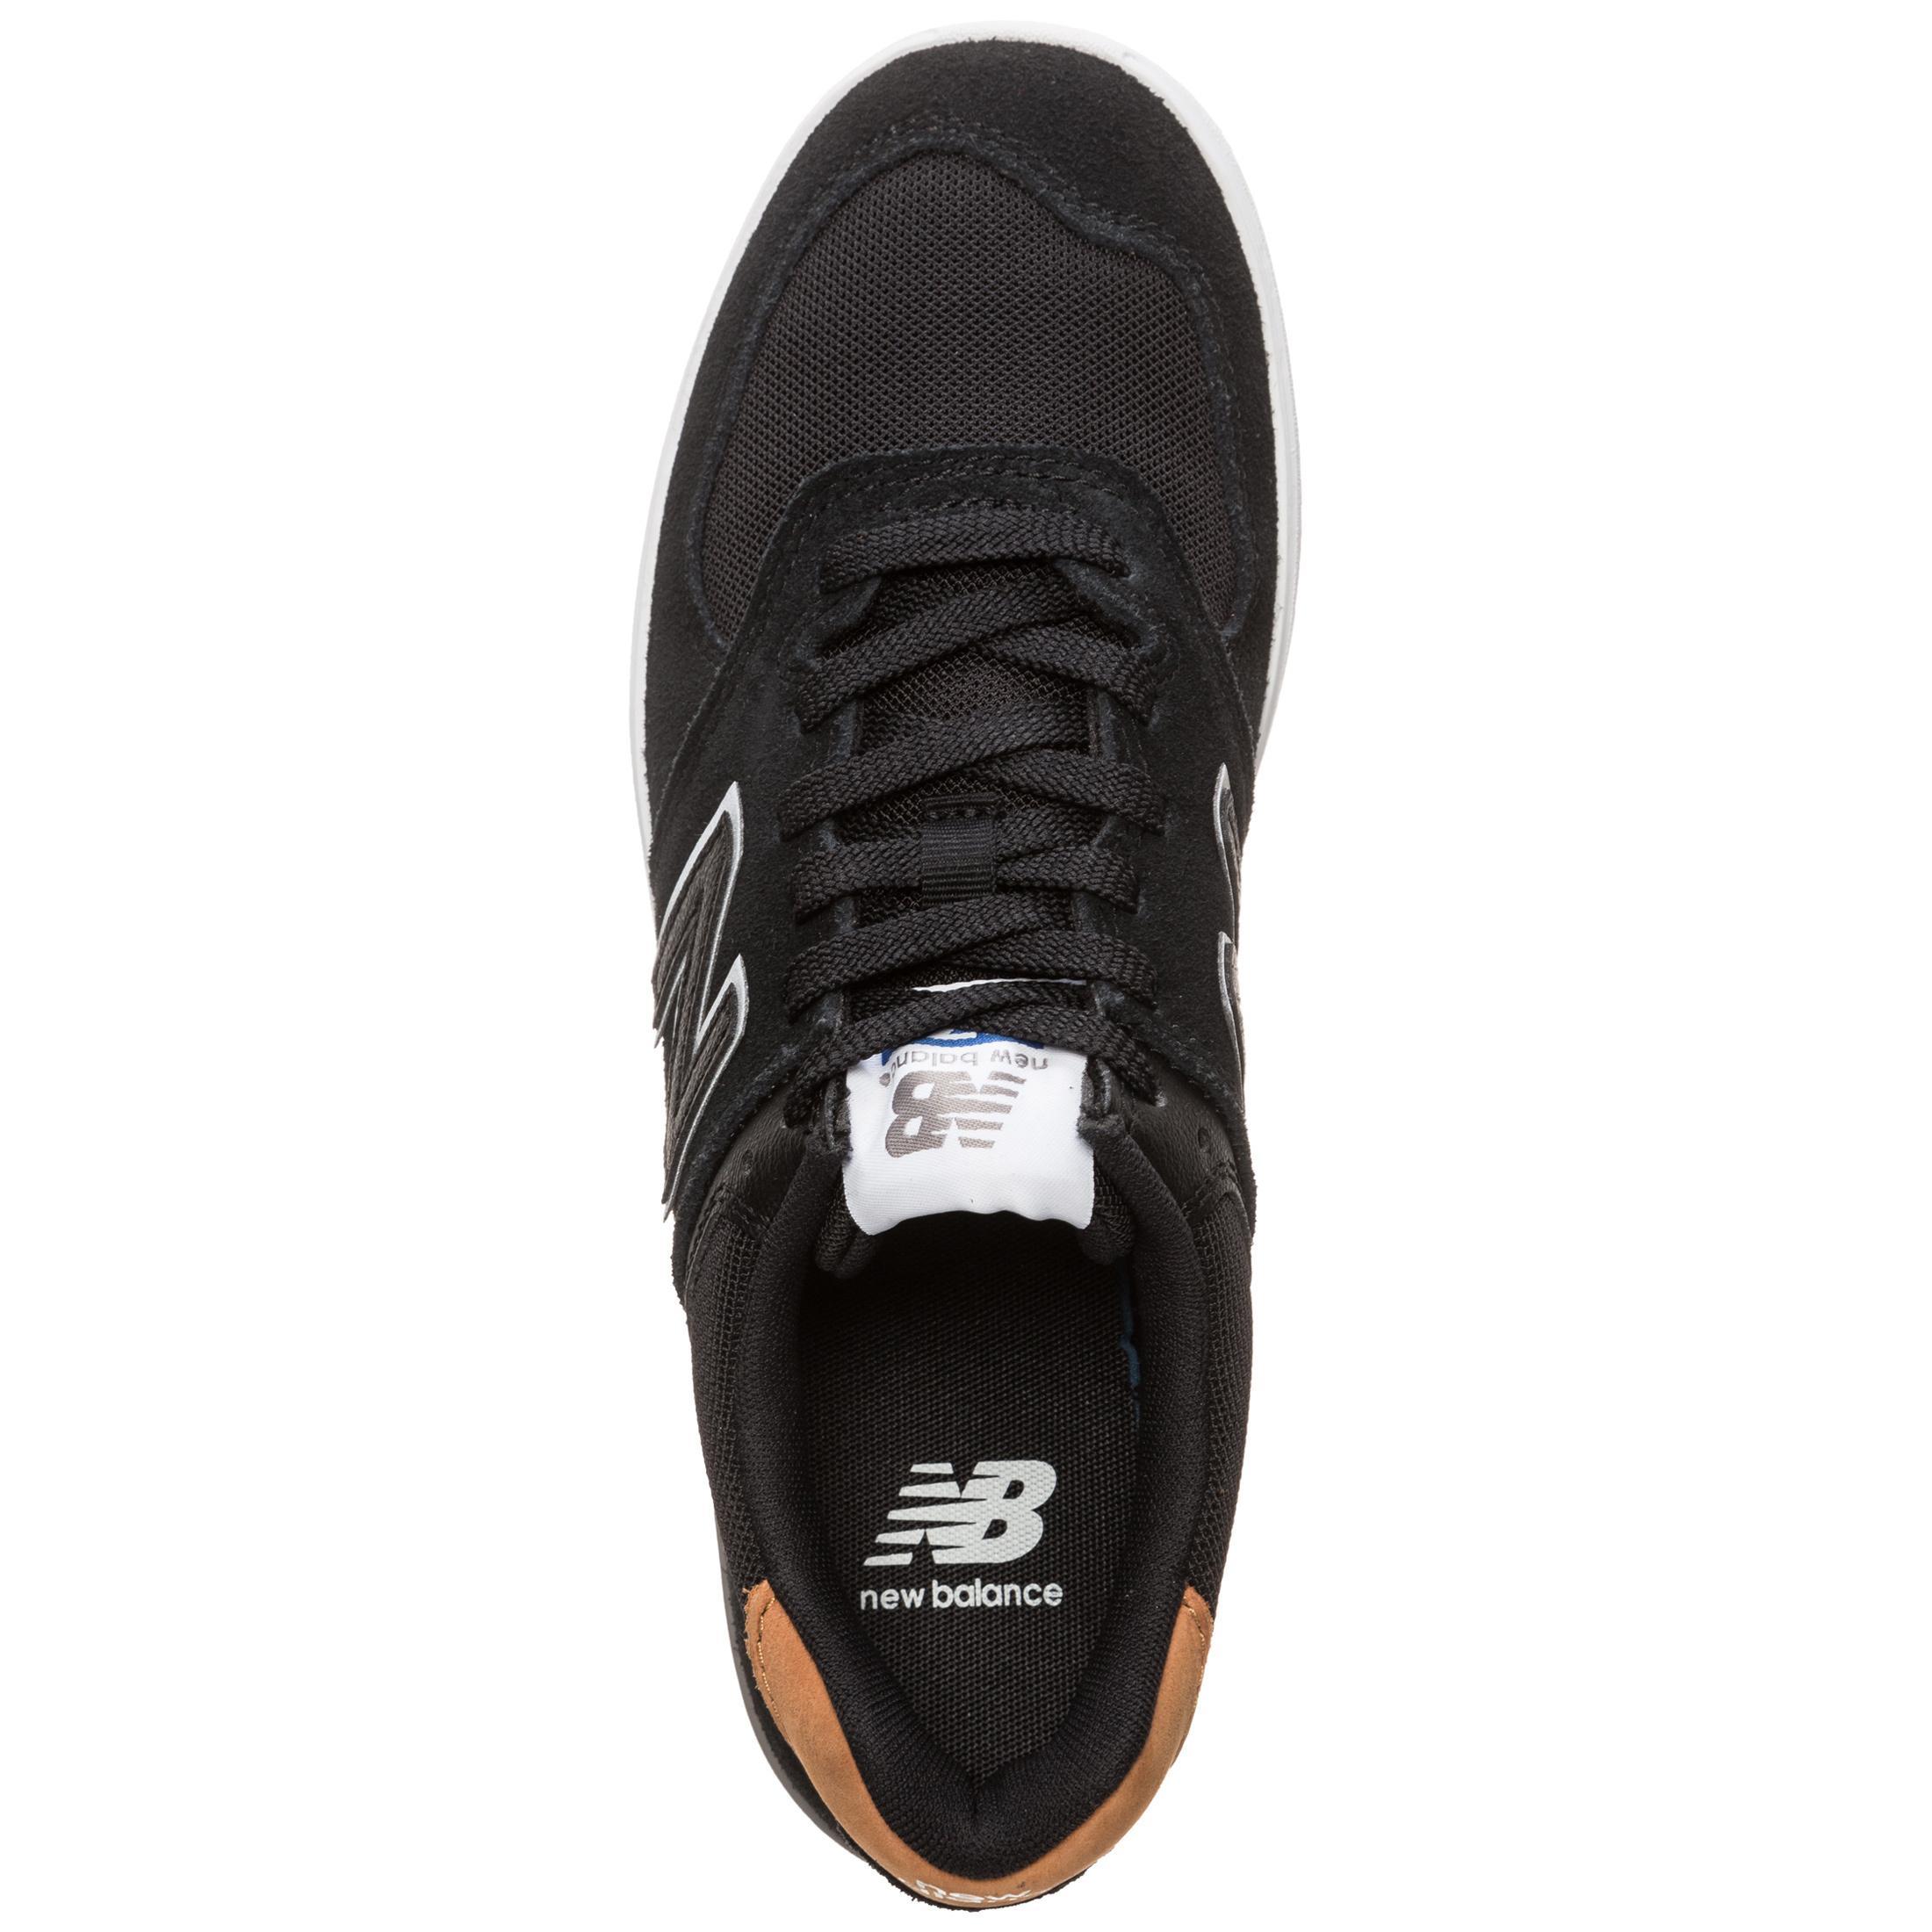 NEW BALANCE AM574-BLG-D Sneaker Herren Herren Herren schwarz / braun im Online Shop von SportScheck kaufen Gute Qualität beliebte Schuhe d927f0